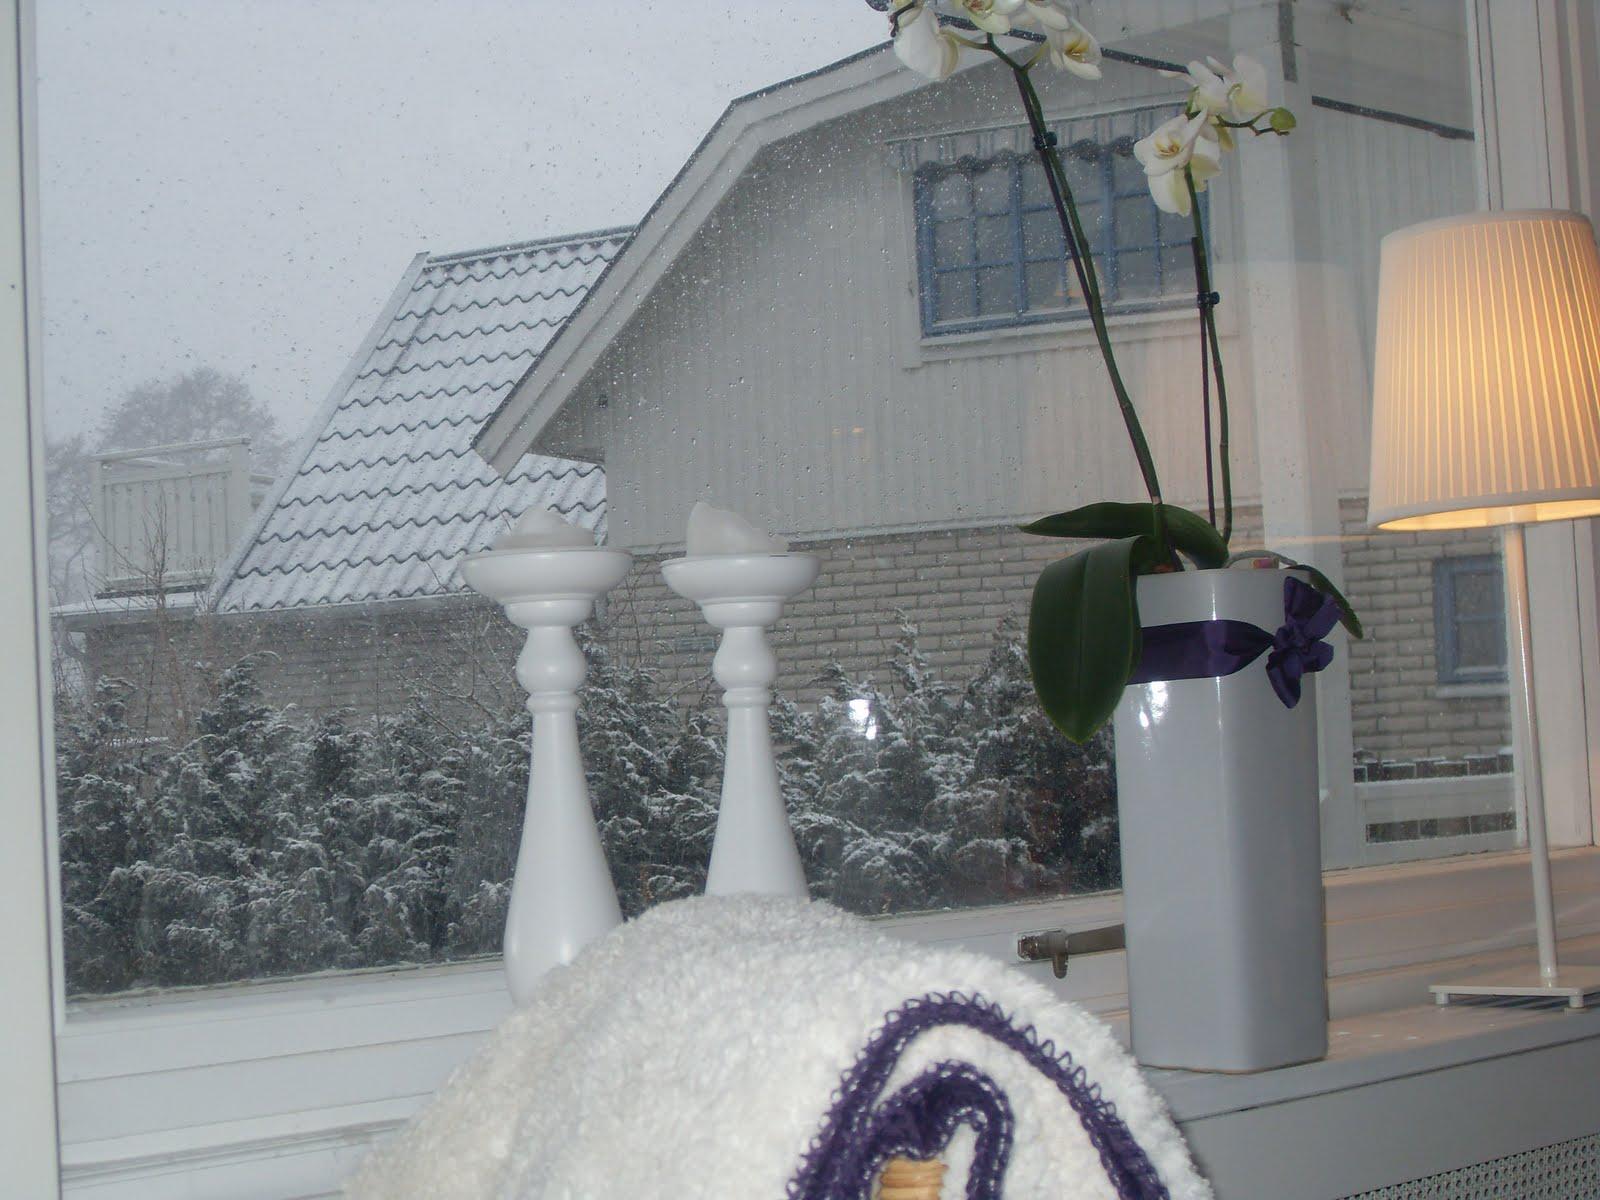 Renovering och inredning av ett vitt hus vid havet: februari 2011